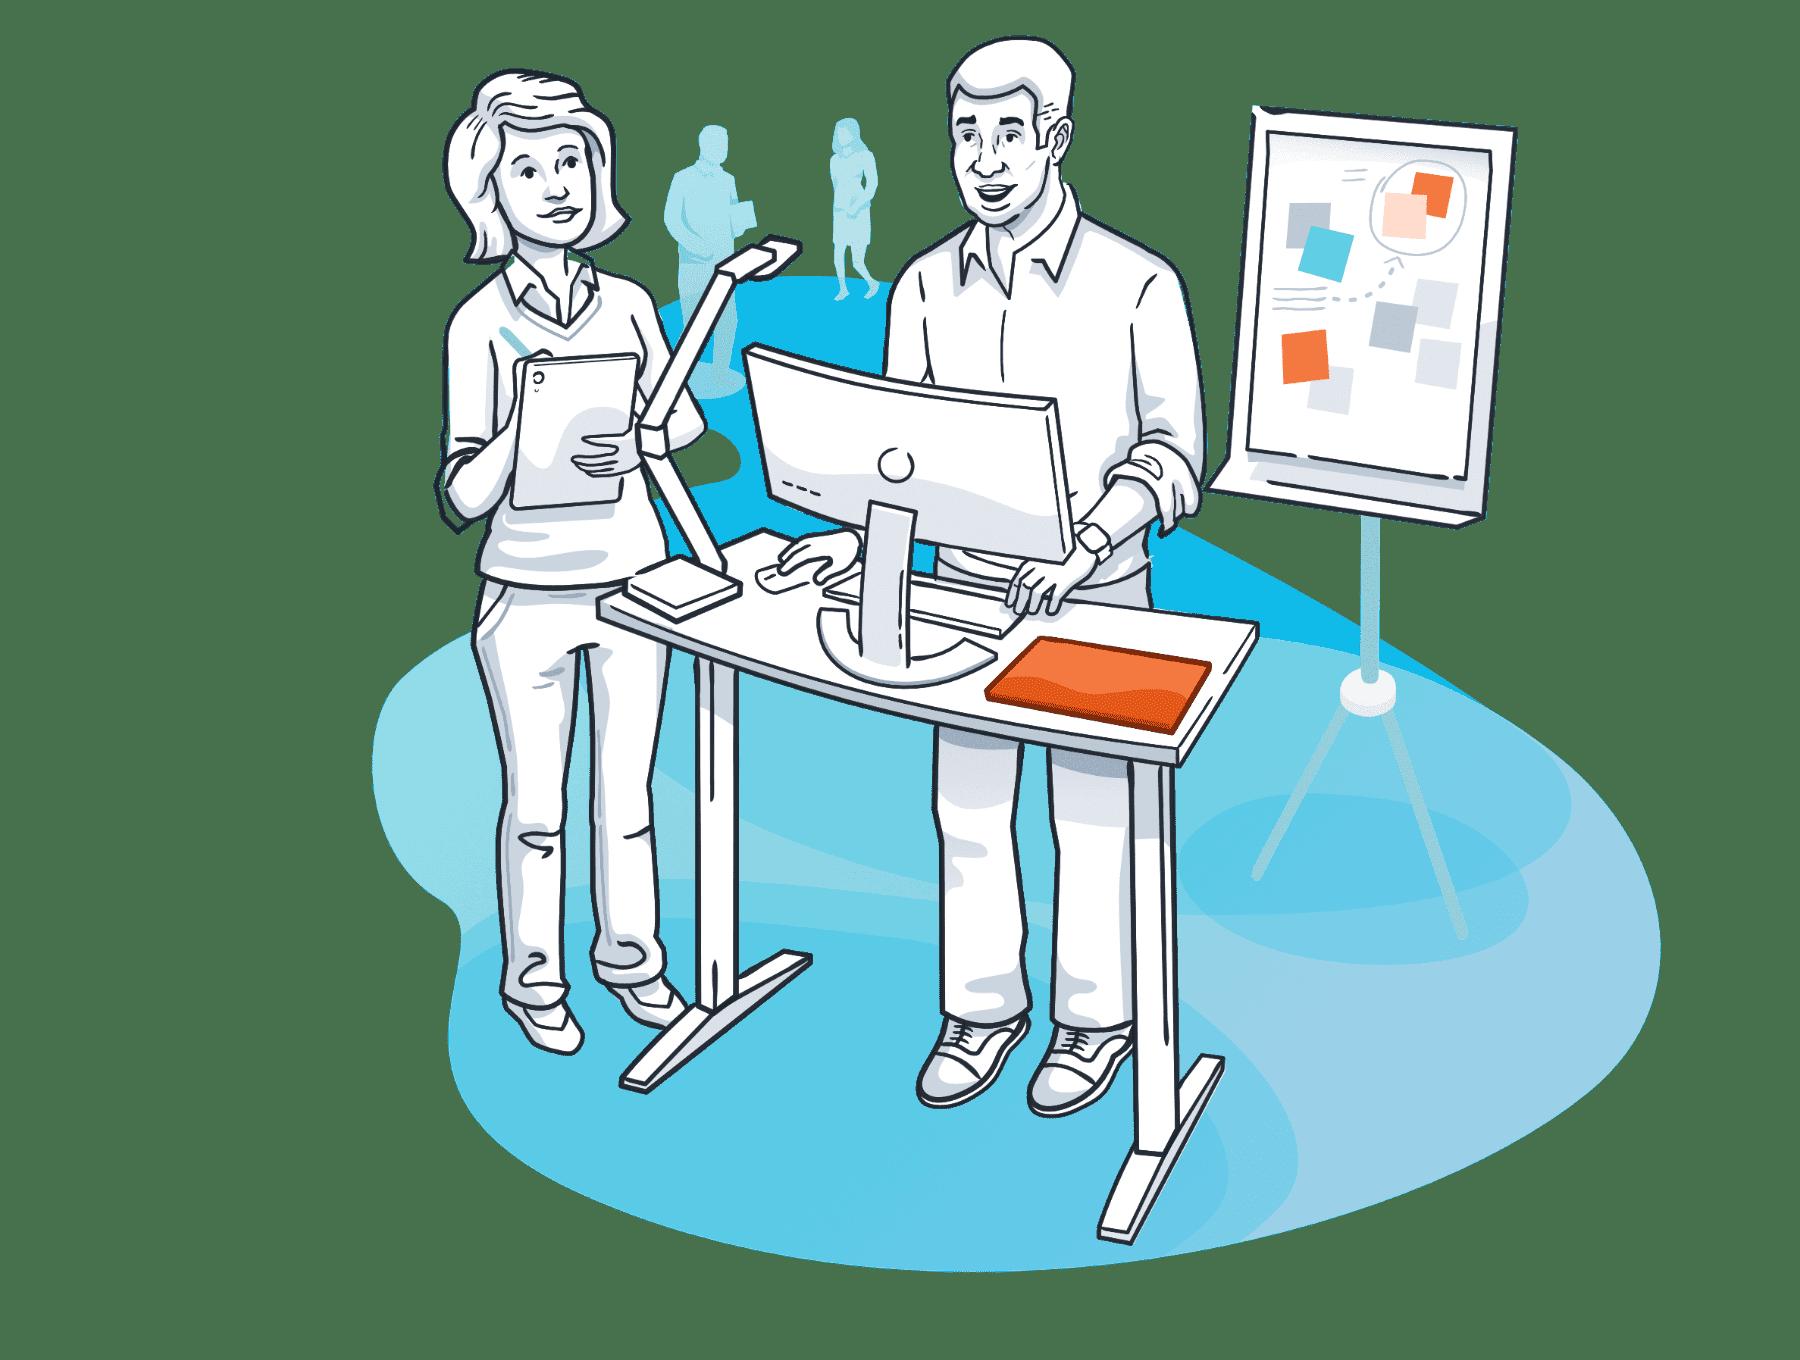 software user testing illustration